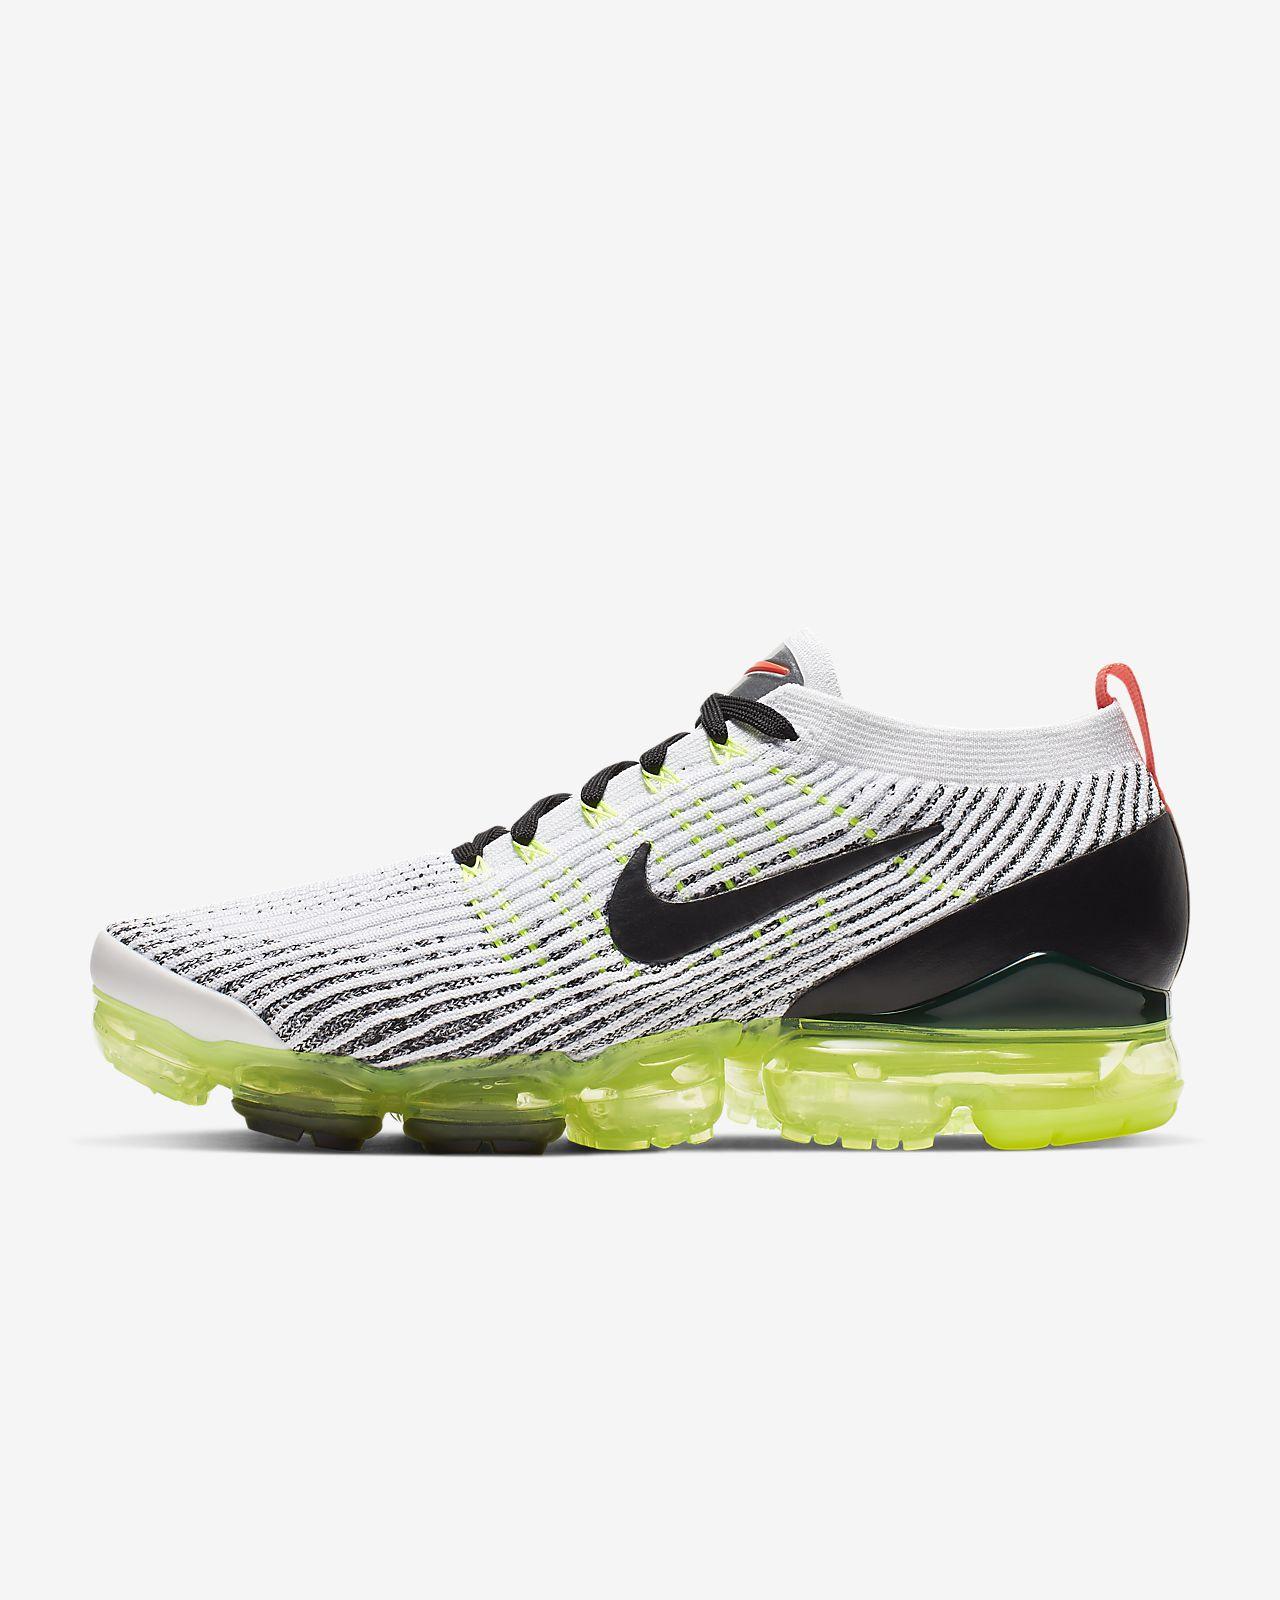 new styles 0d3ae 882f1 ... Sko Nike Air VaporMax Flyknit 3 för män